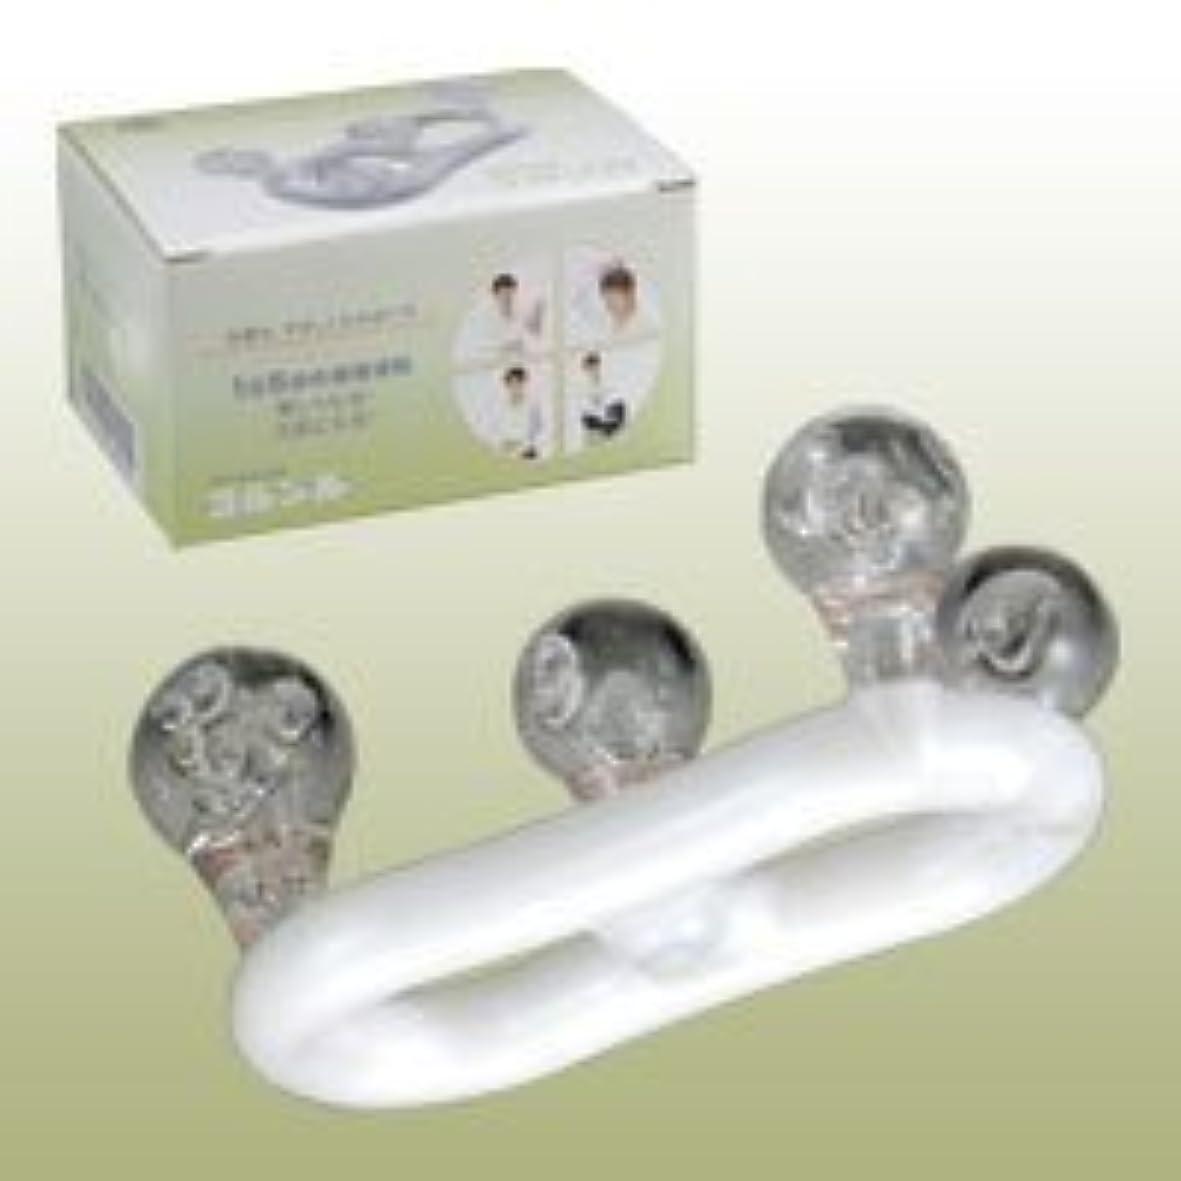 パック療法買い物に行く羽生式指圧代用器 コルンル